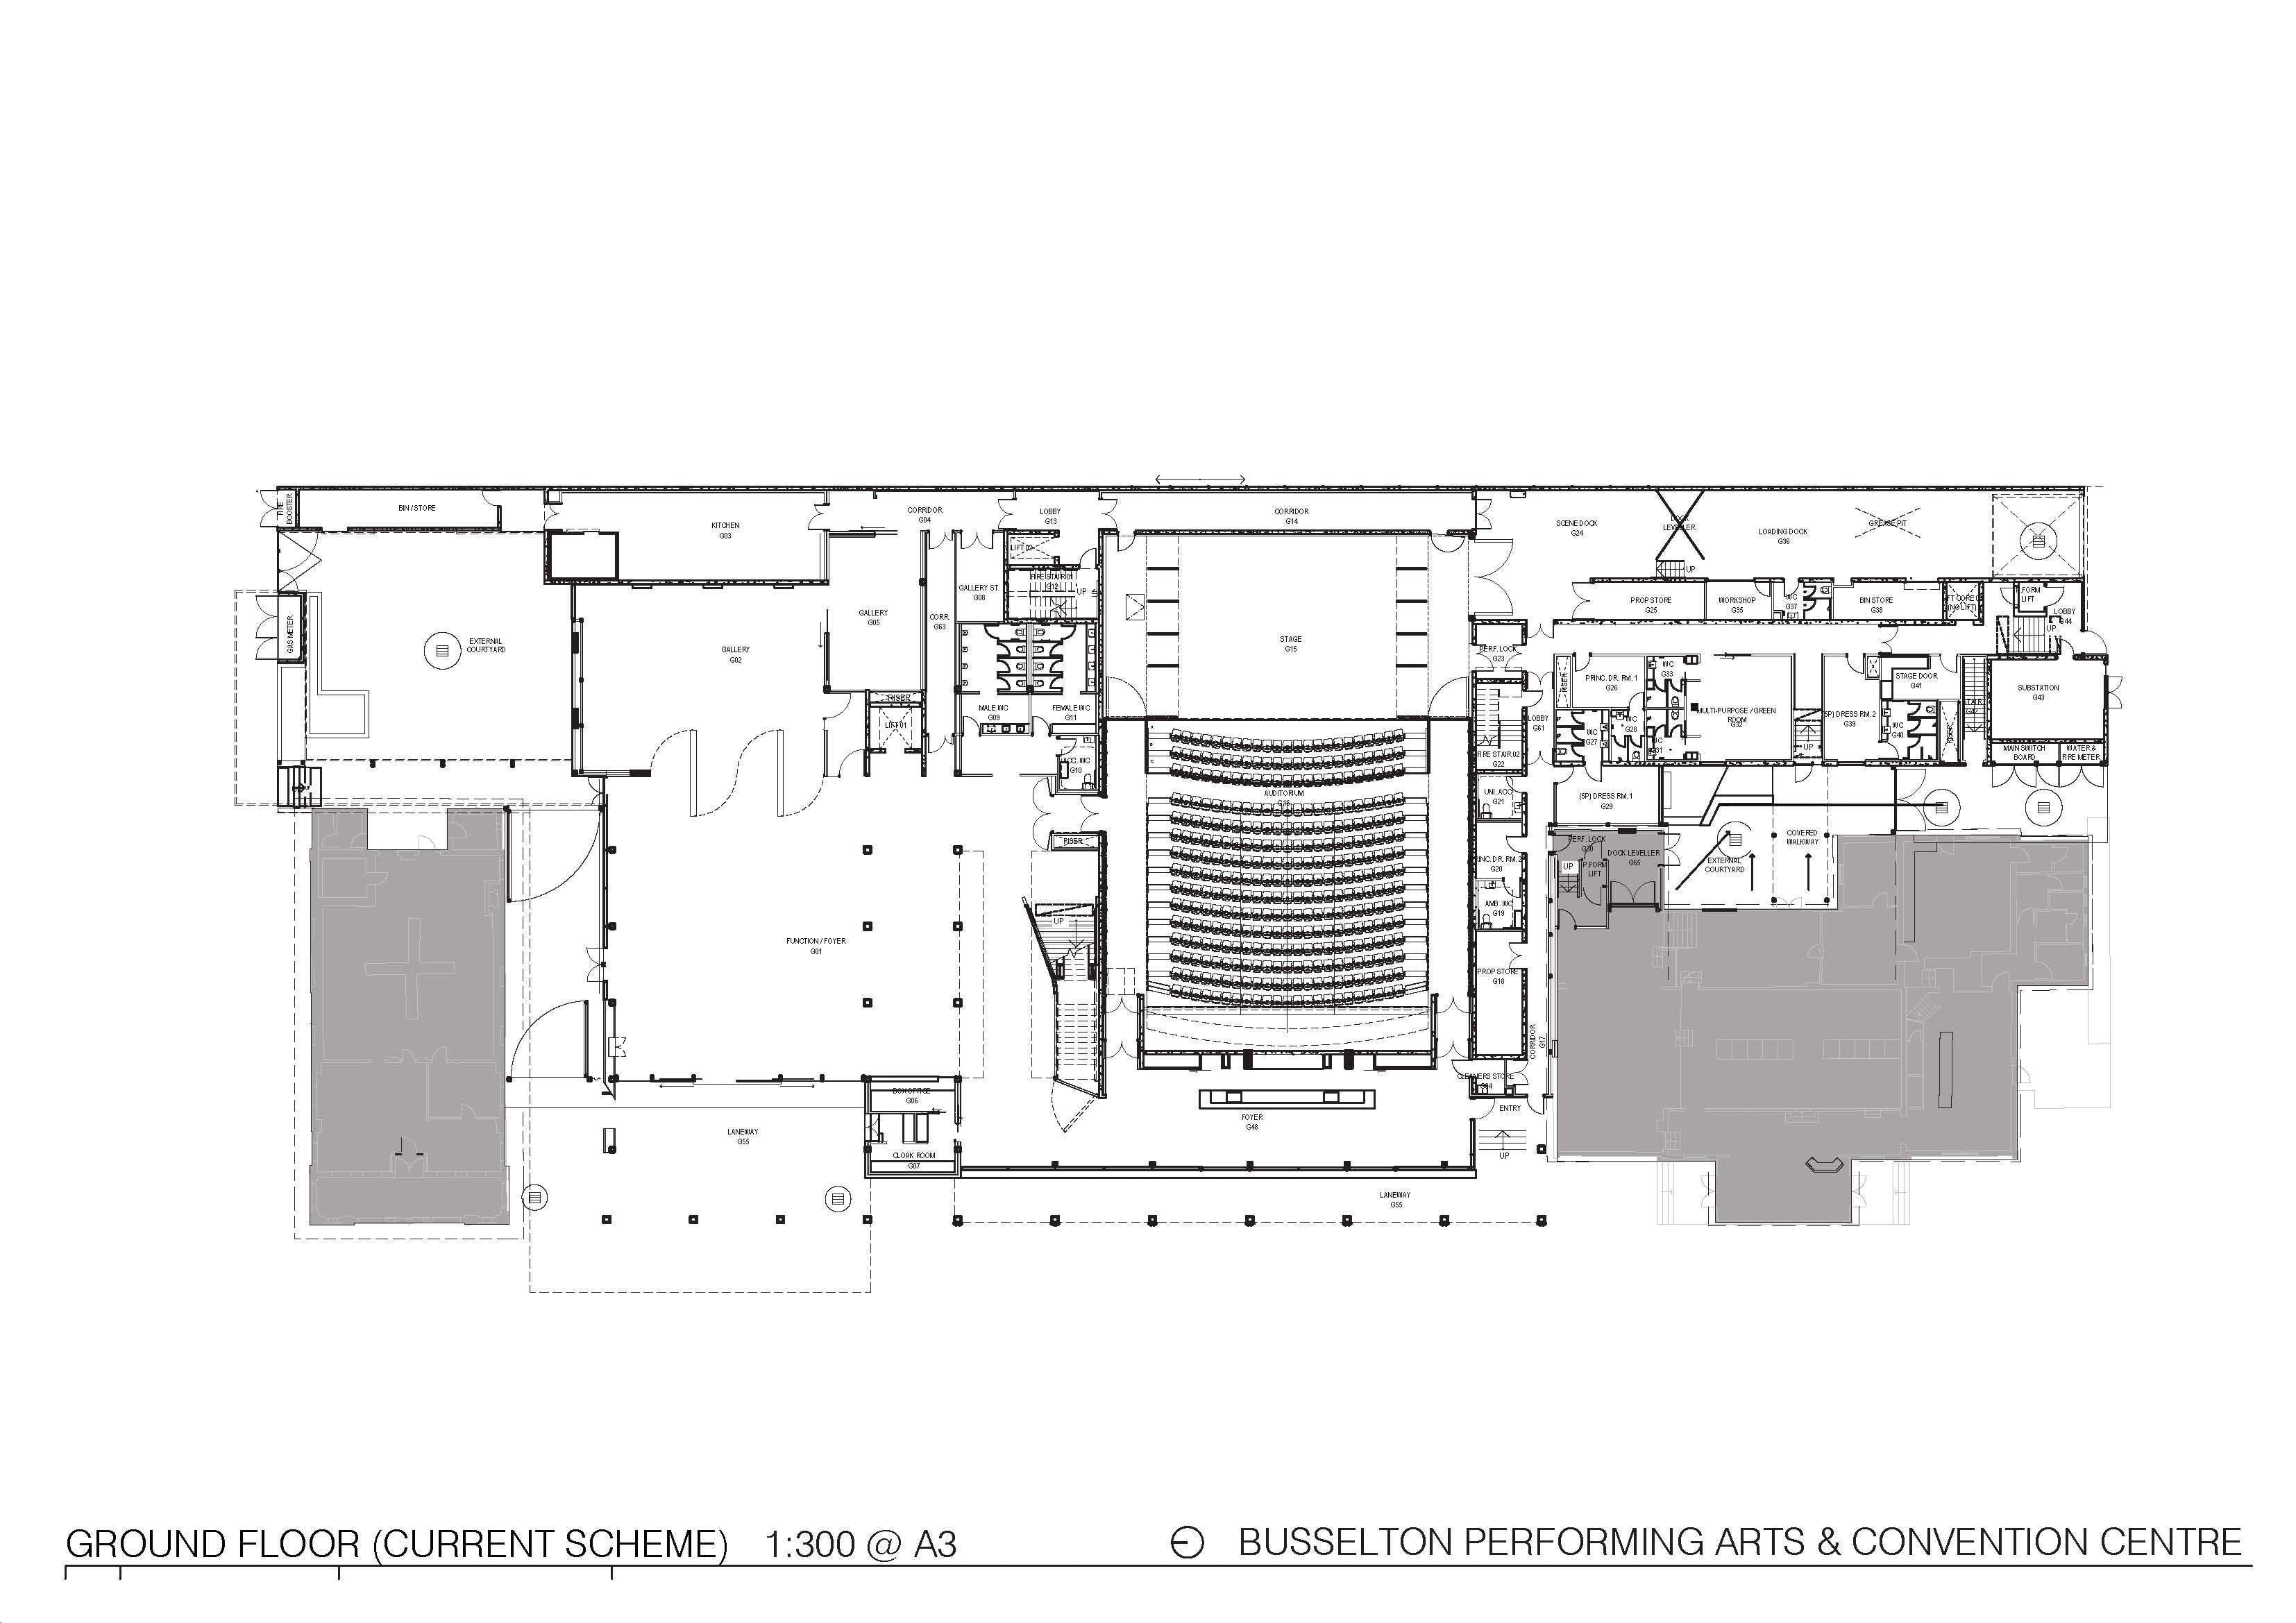 210720_BPACC Current Scheme_Page_1.jpg